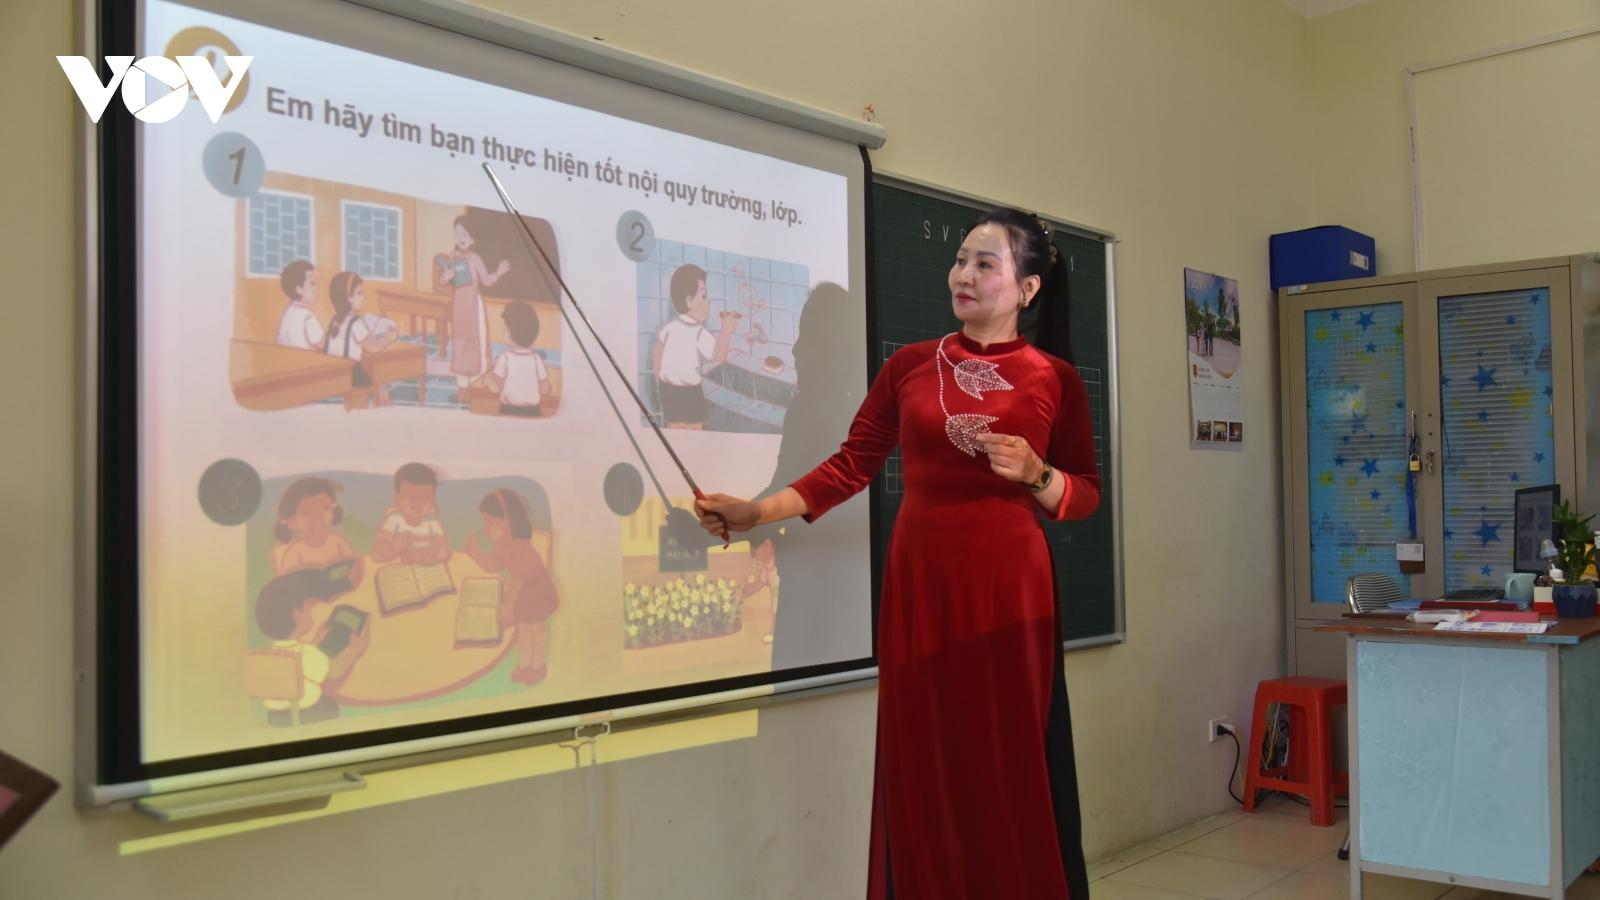 Vẫn còn tình trạng thừa thiếu giáo viên cục bộ tại nhiều địa phương